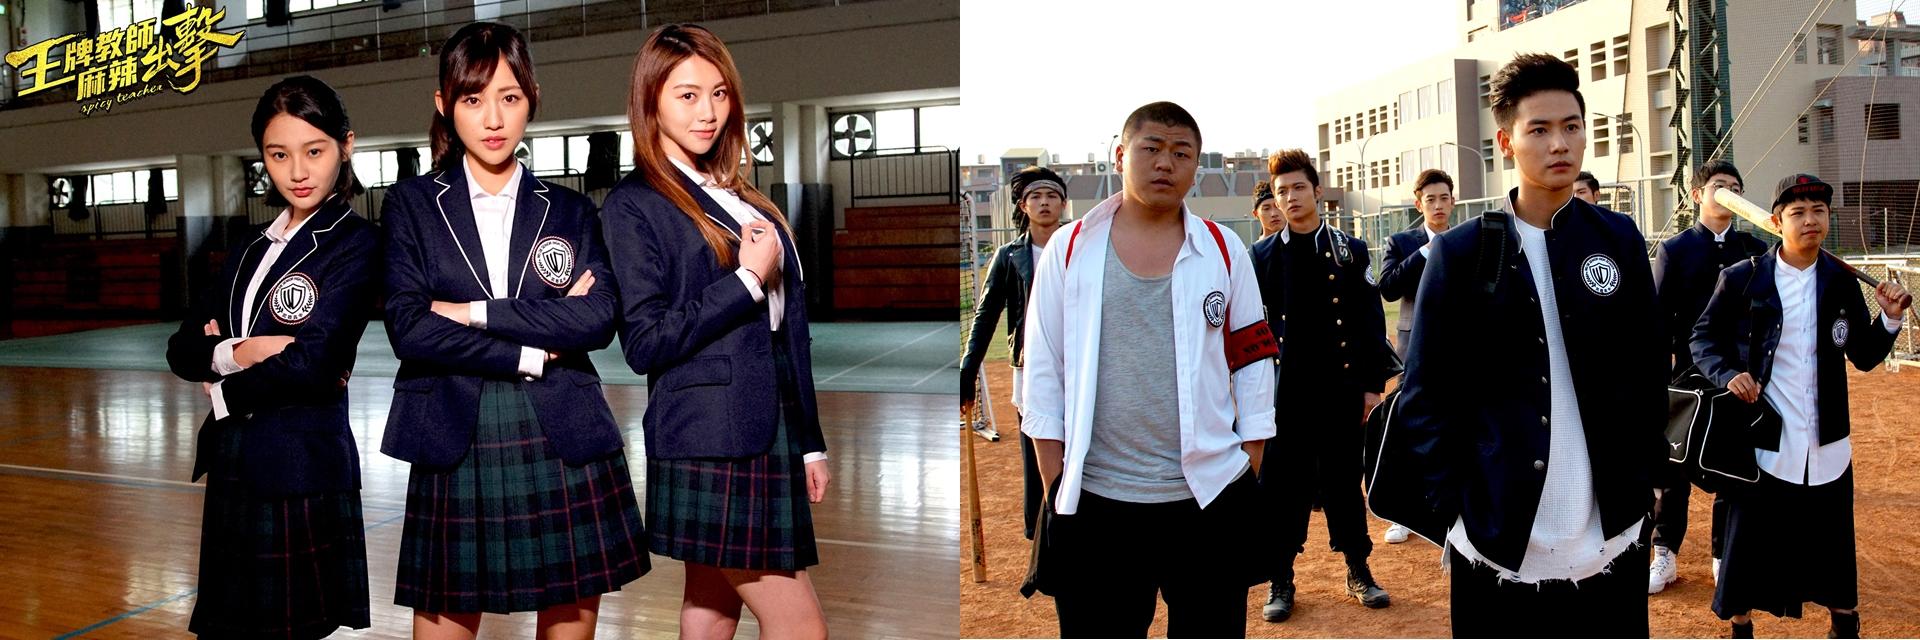 連暑假都想穿制服?比照日本應援團、韓國高校服超細緻設計!網友:跪求購買連結!